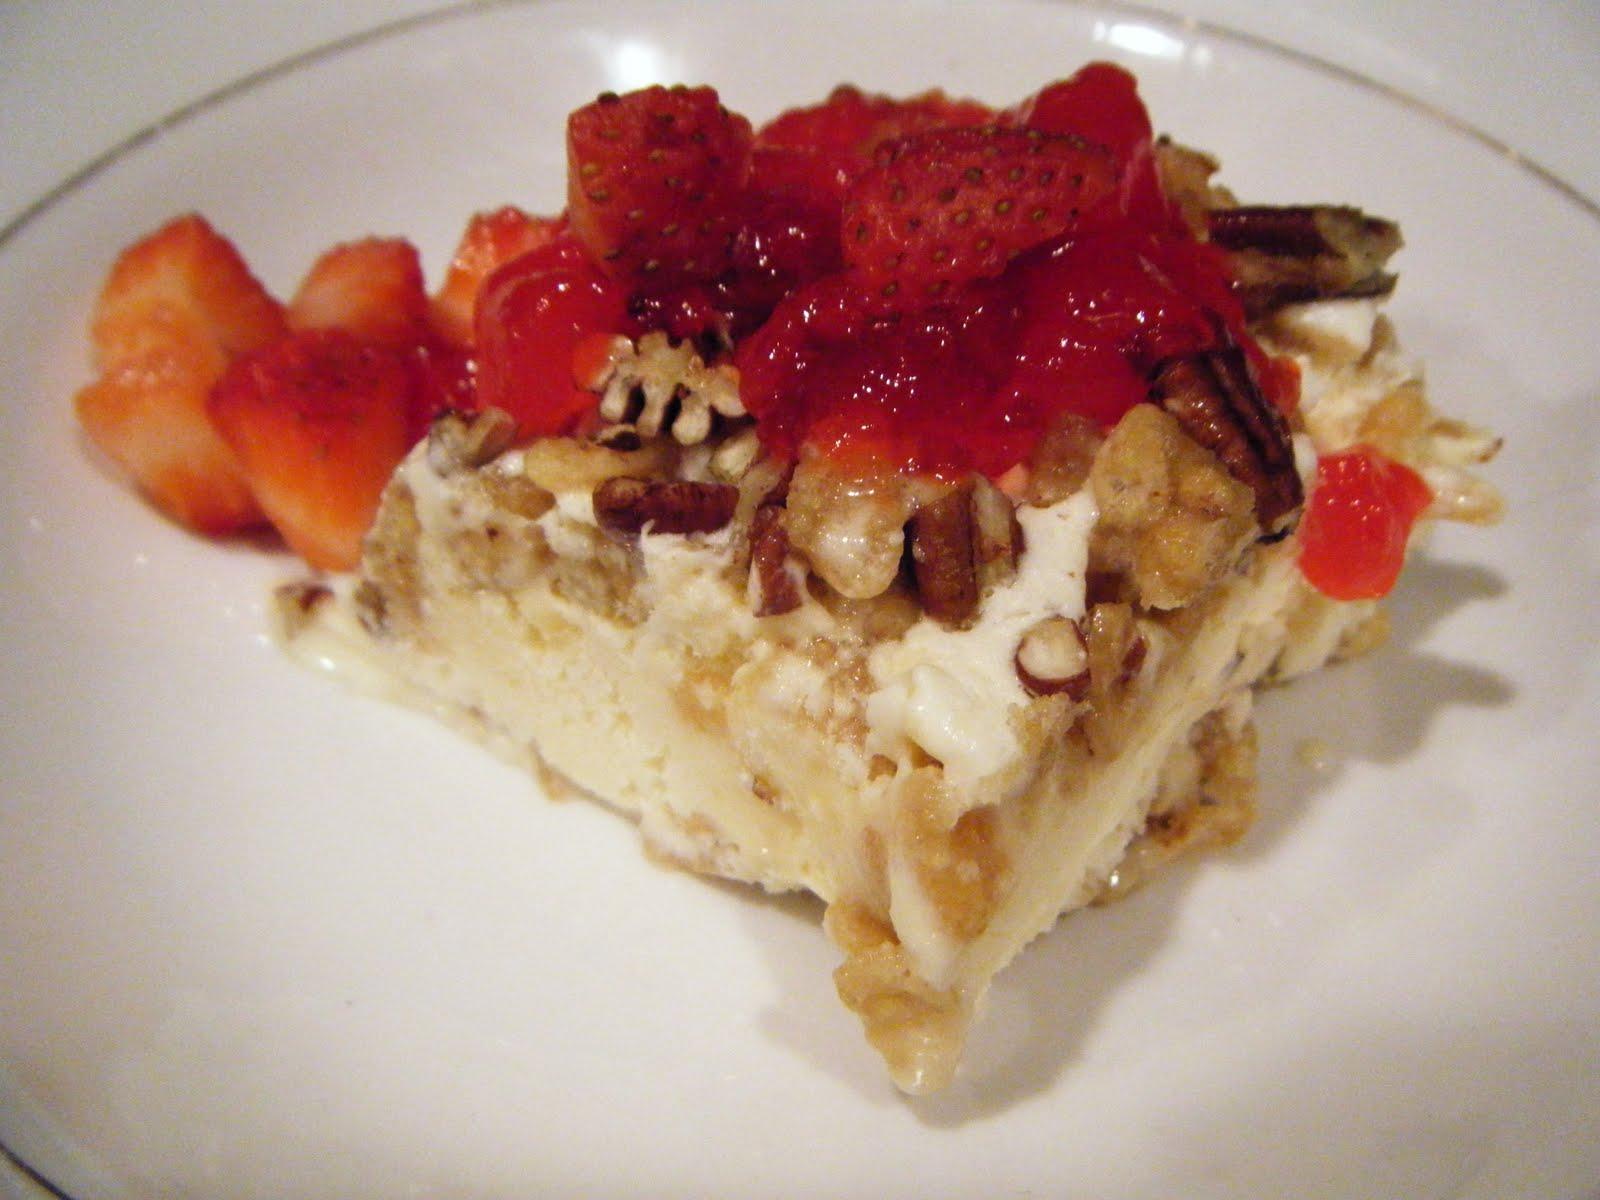 Strawberry Danish Dessert